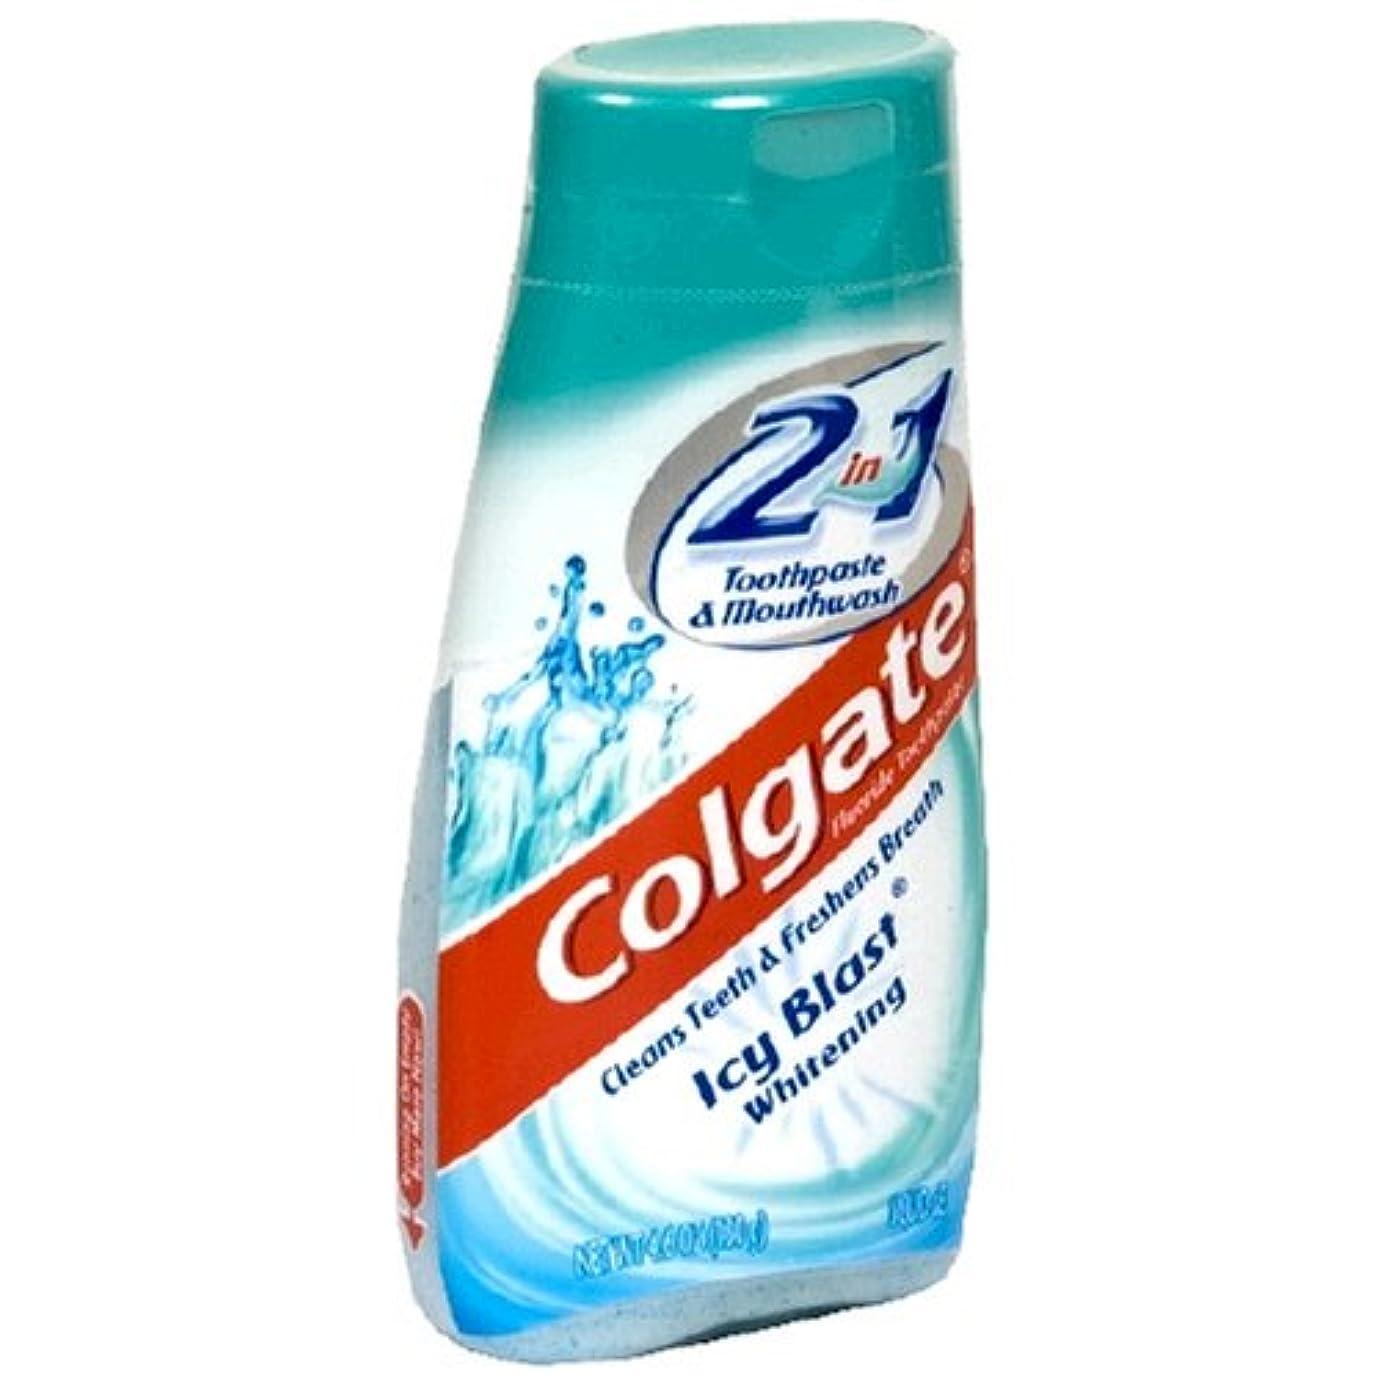 合理的苦いスケジュールColgate 2で1歯磨き粉およびマウスウォッシュ、美白アイシーブラスト - 4.6オズ